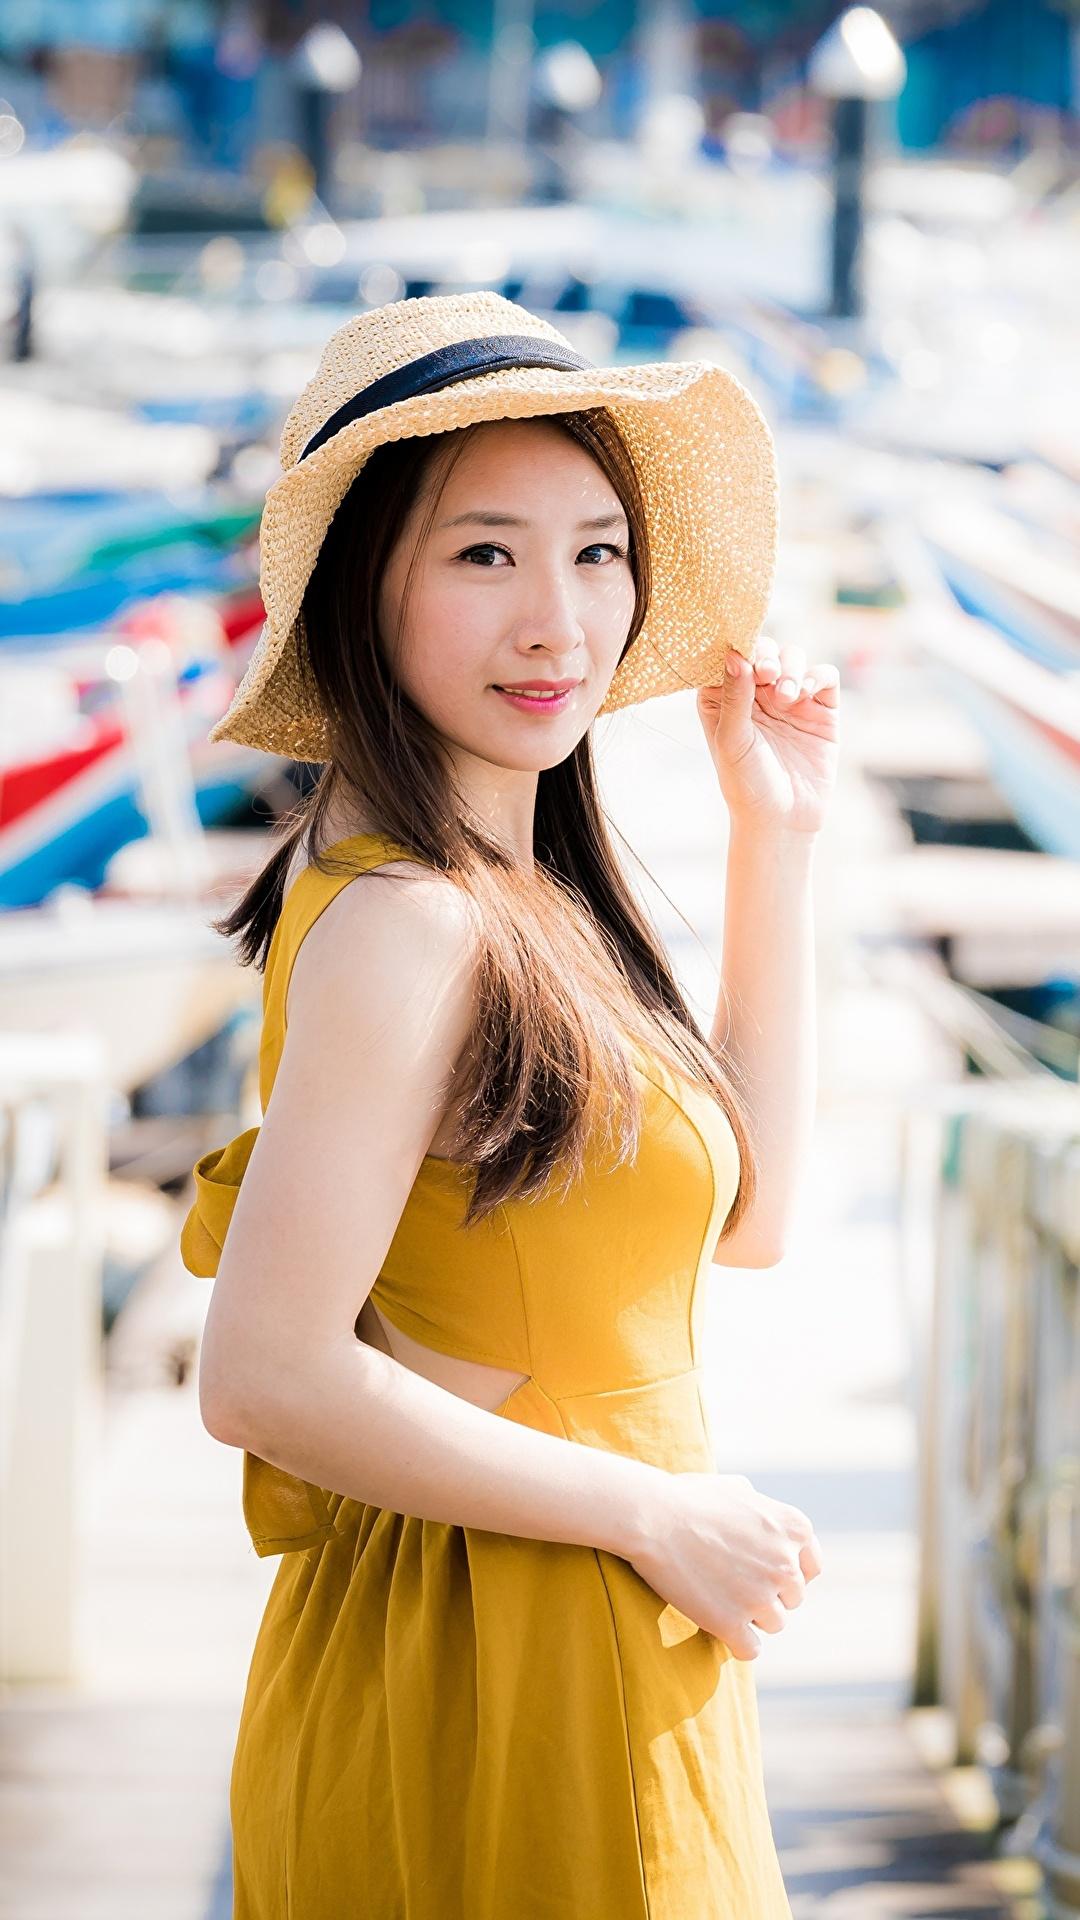 Foto Braunhaarige unscharfer Hintergrund Der Hut Mädchens Zaun Asiatische Hand Blick 1080x1920 für Handy Braune Haare Bokeh junge frau junge Frauen Asiaten asiatisches Starren